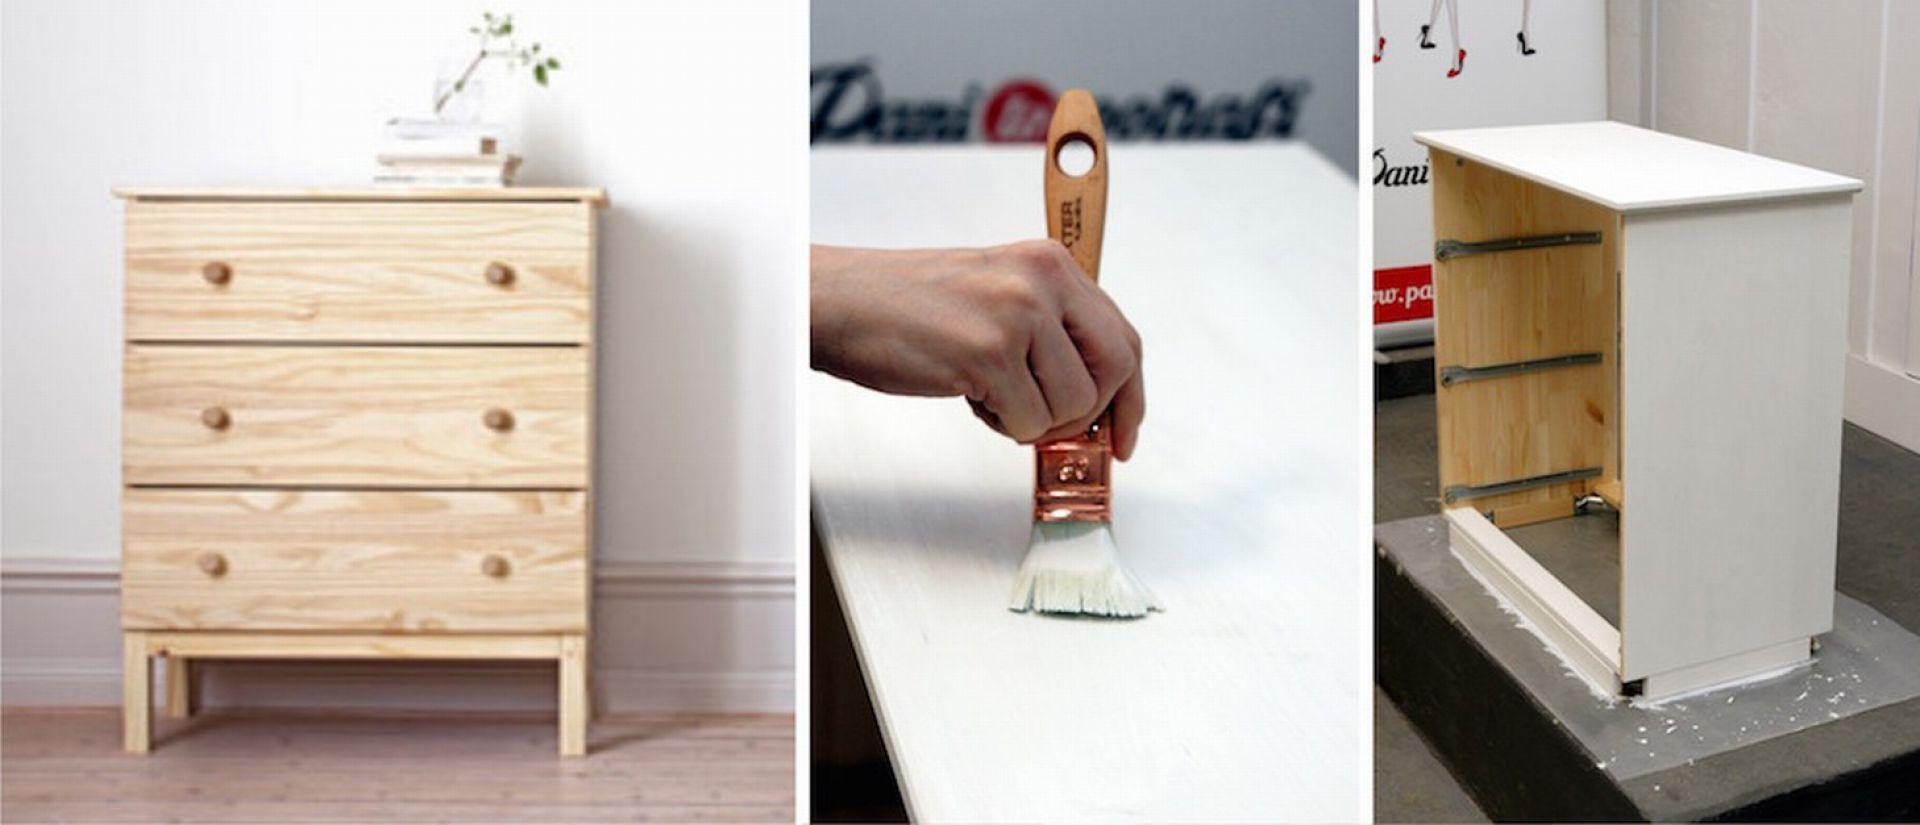 Pierwszym krokiem jest pokrycie drewna farbą w wybranym kolorze, np. szybkoschnącą emalią akrylową do drewna i metalu marki Dekoral. Fot. Dekoral,